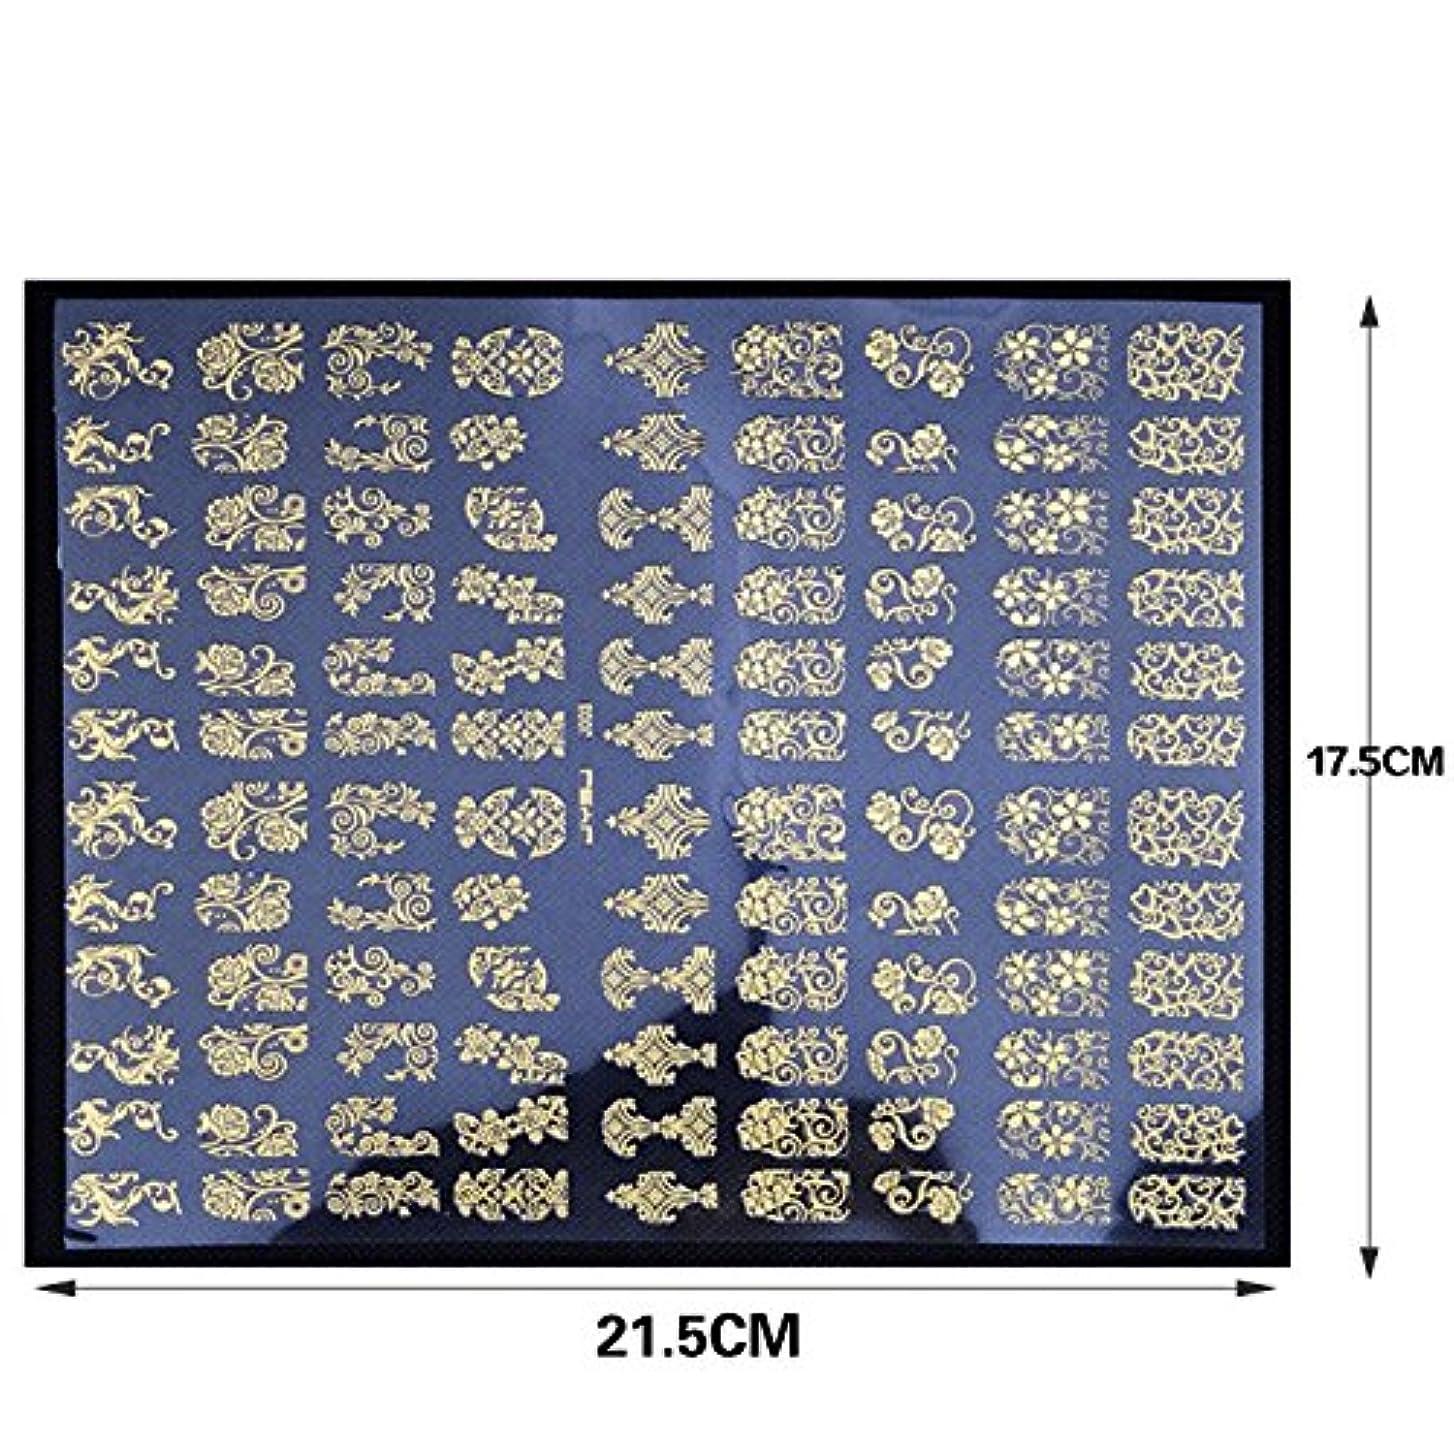 フィラデルフィア目に見えるディプロマネイルステッカー 1シート108枚 / ネイルシール/ネイルホイル/ネイルアートテープ/デコレーション/ジェルネイル (silver)